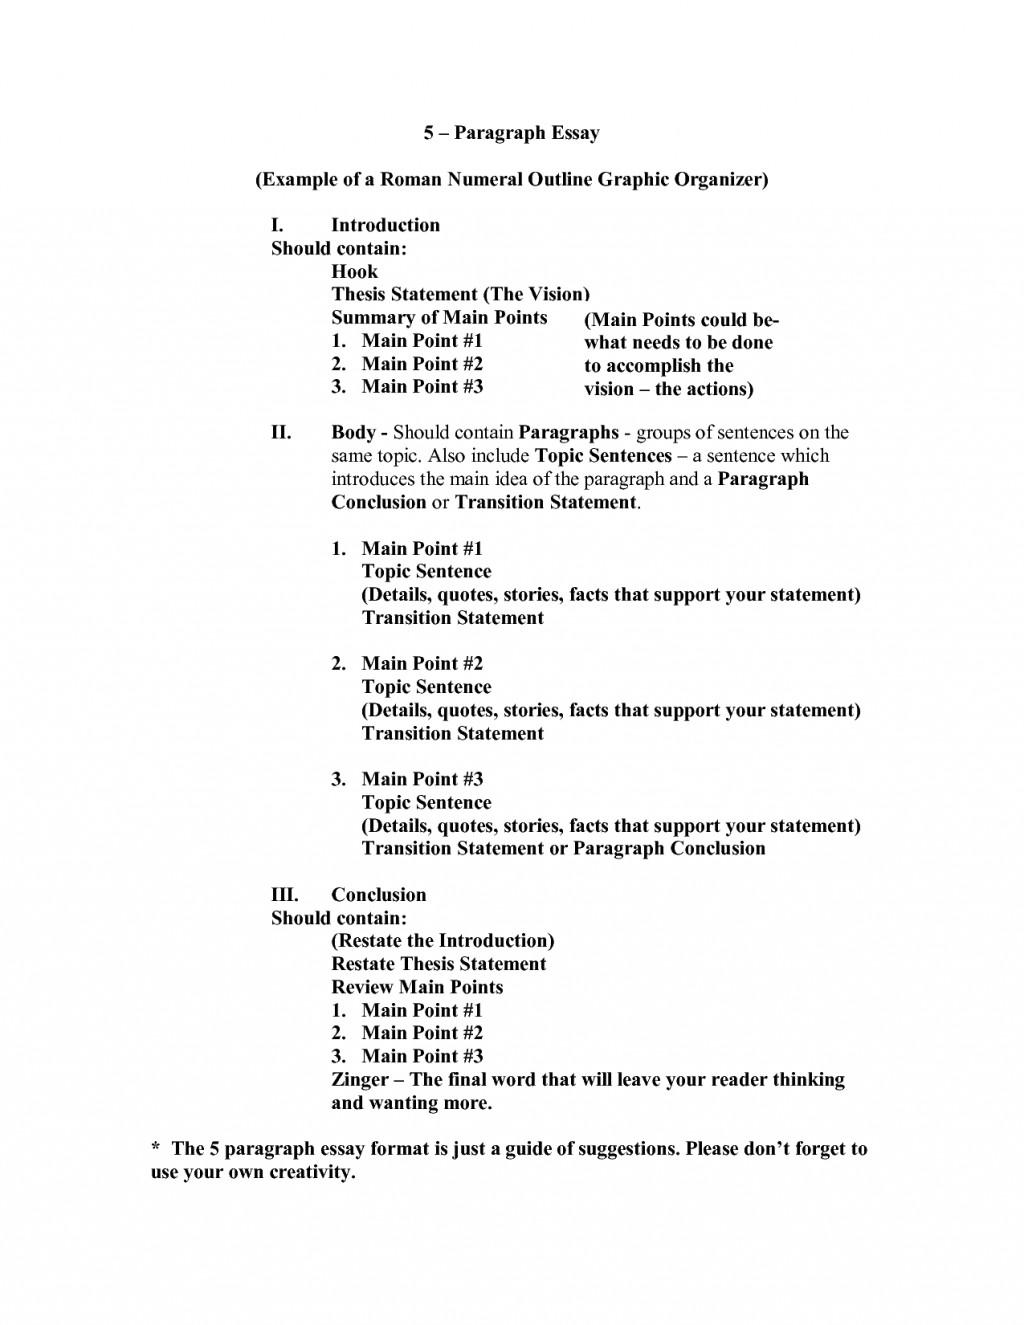 012 Roman Numeral Outline Format 551235 Proper Essay Unique White Paper Apa Heading Large